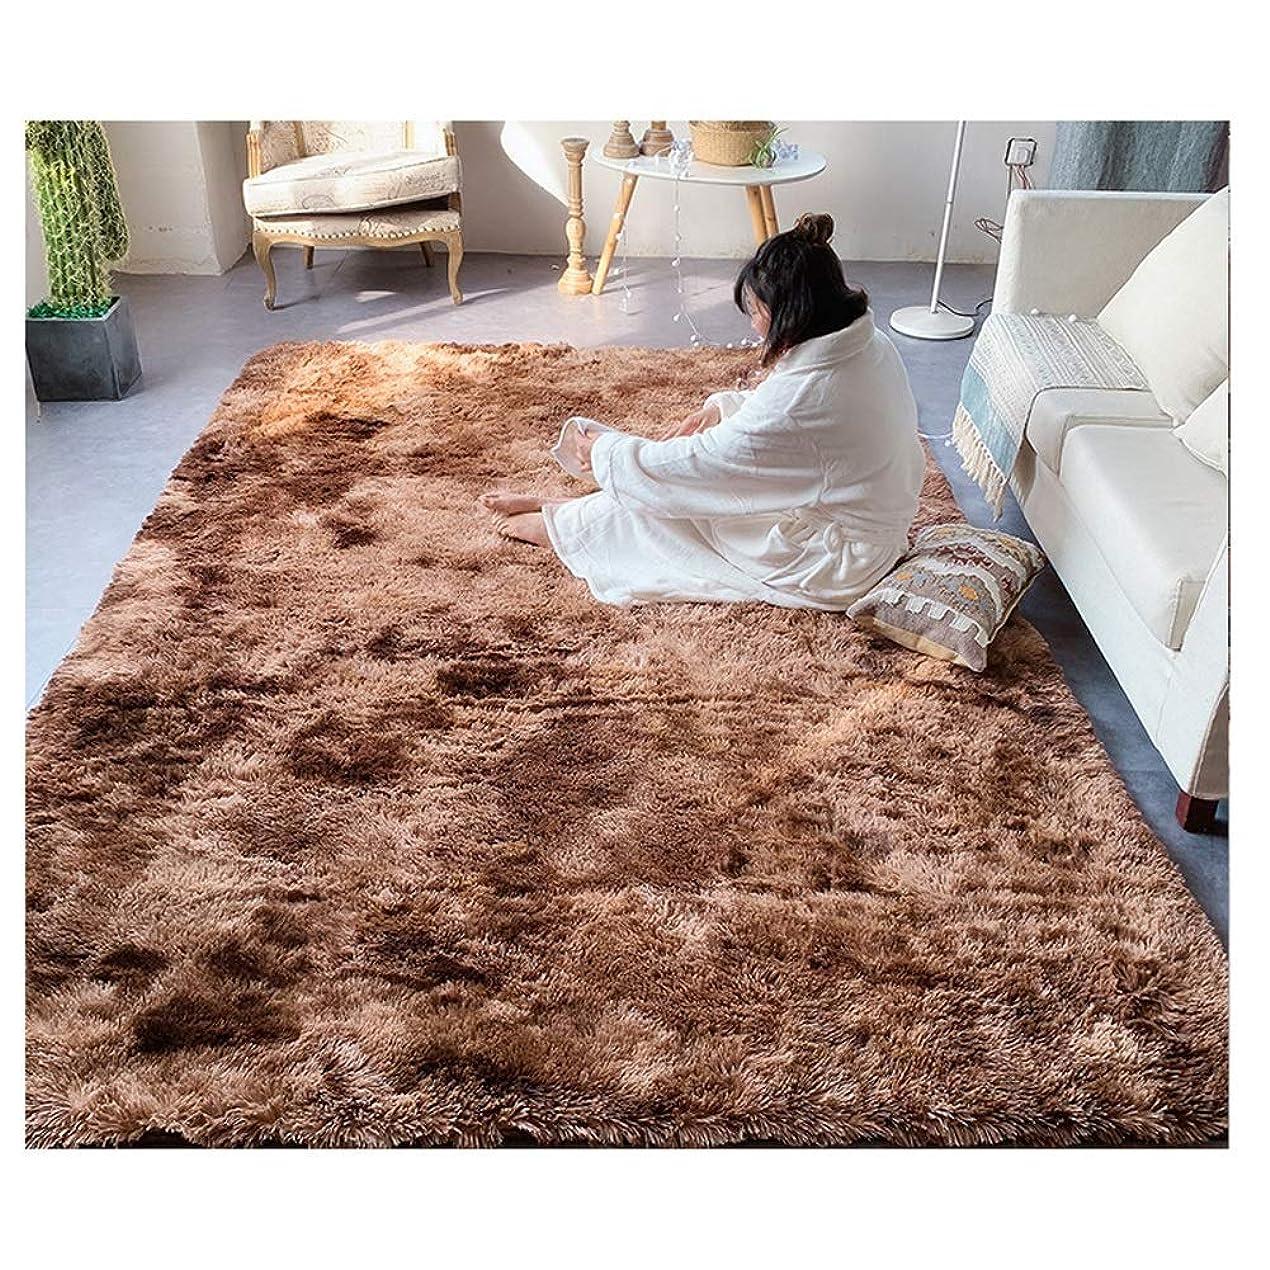 遵守するジョイント放つカーペットリビングルーム用ラグエリアラグ、シャギーソフトカーペット、リビングルーム用アンチスキッドラグ寝室グレー (Color : Brown, Size : 6.5*7.8ft)